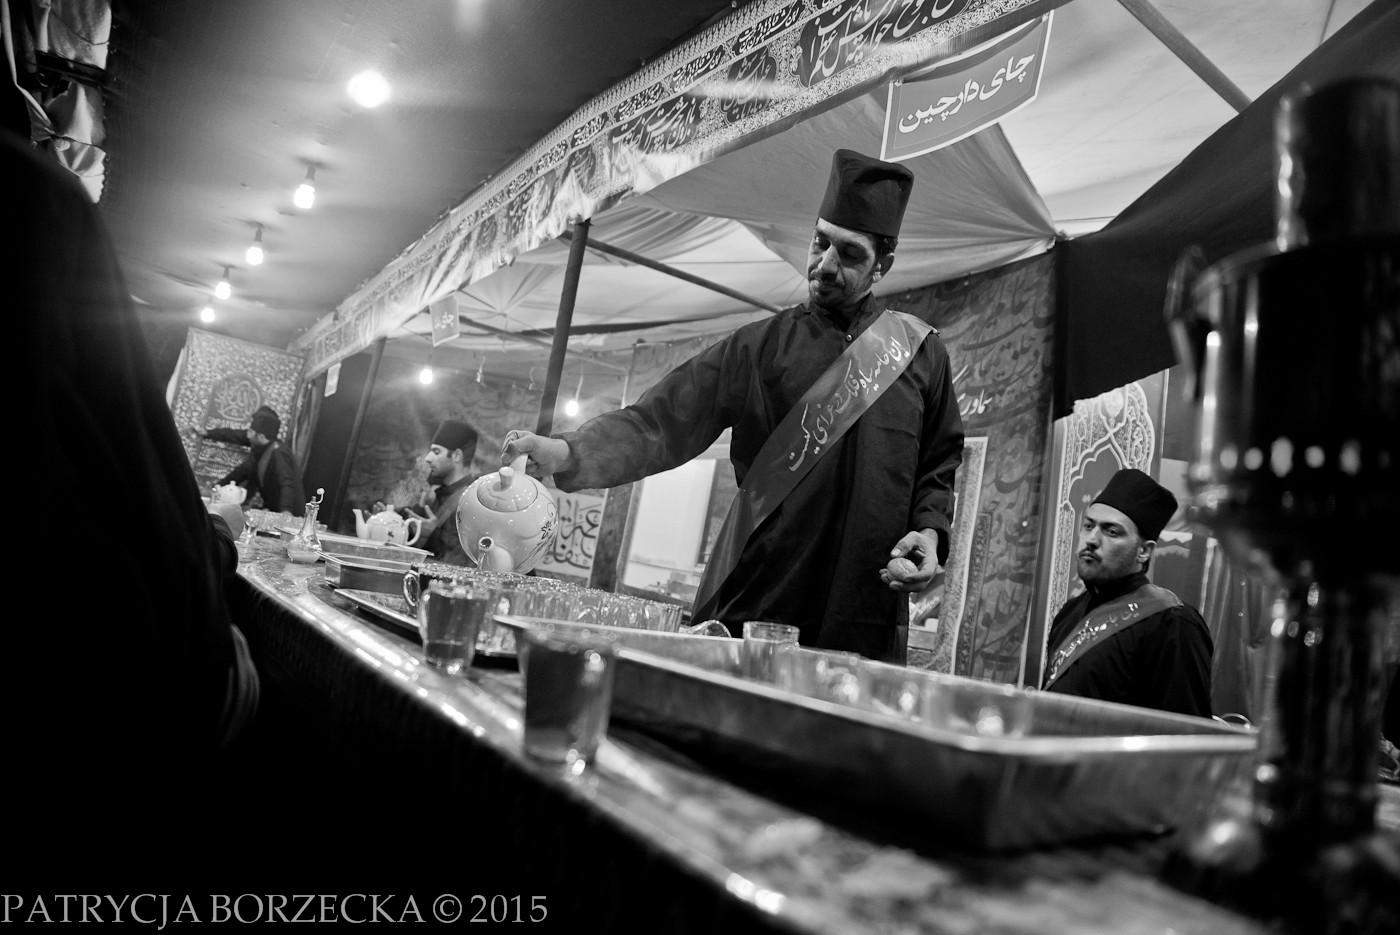 PatrycjaBorzecka-photo-Muharram04